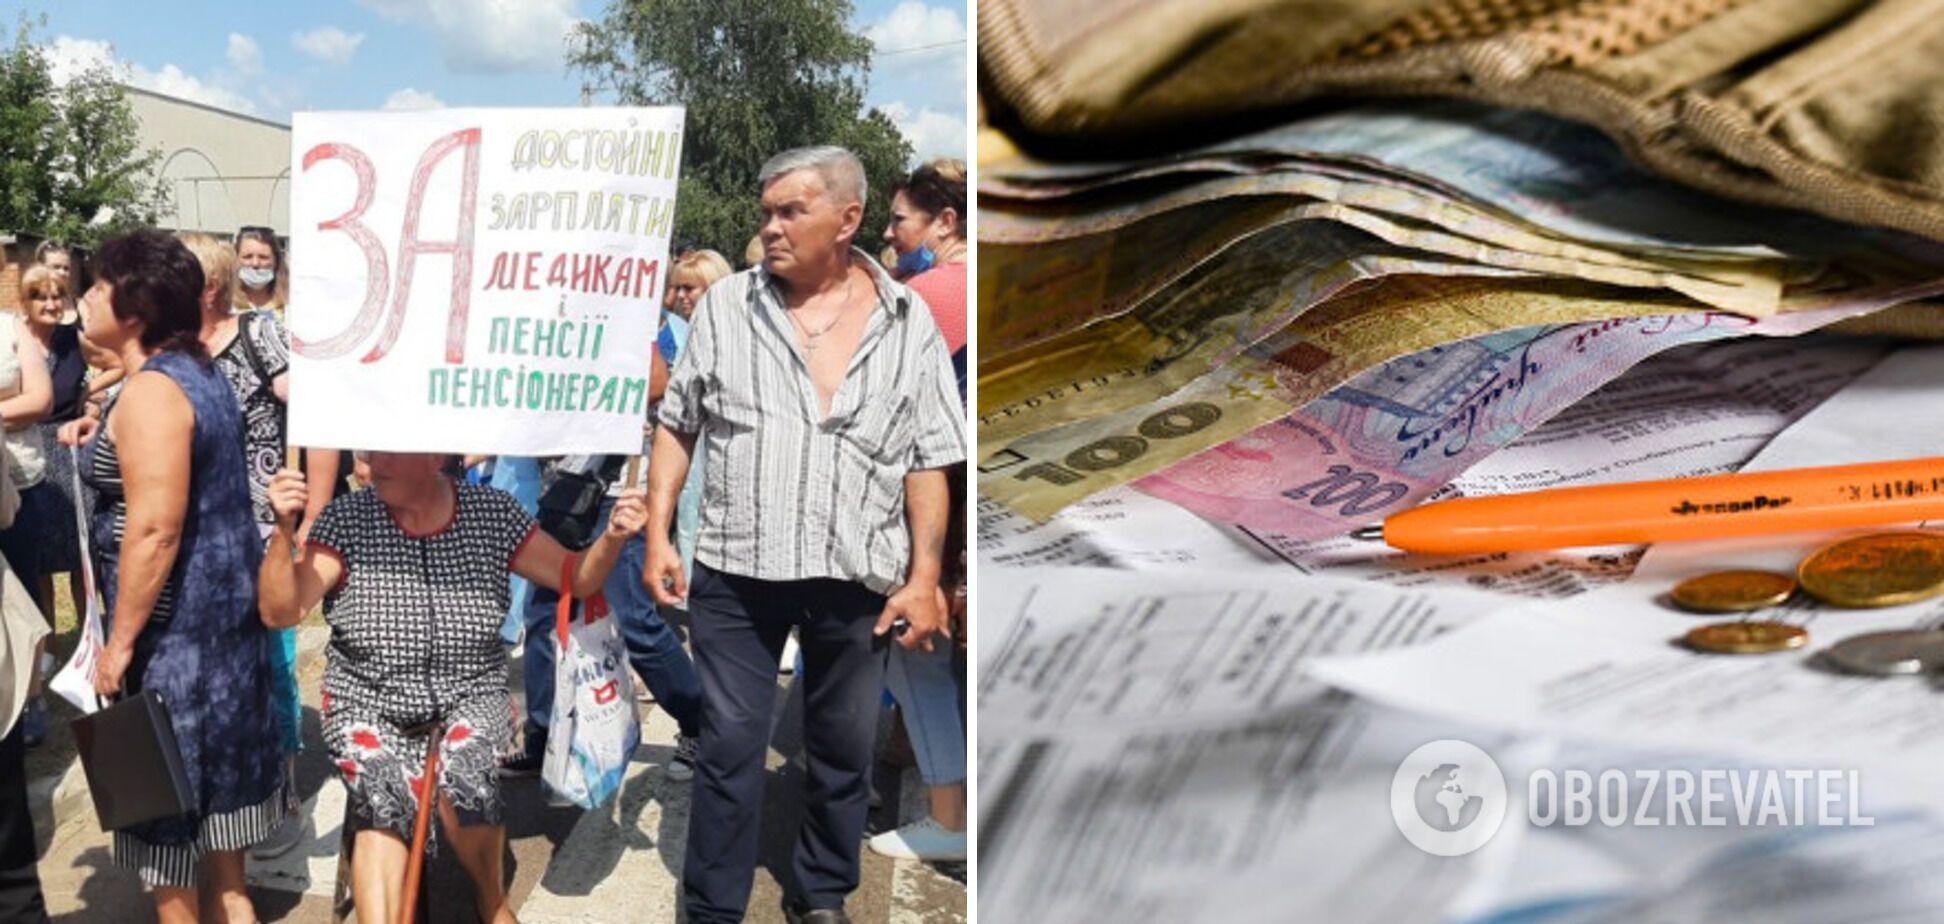 На Харьковщине медики перекрыли государственную трассу из-за долгов по зарплате